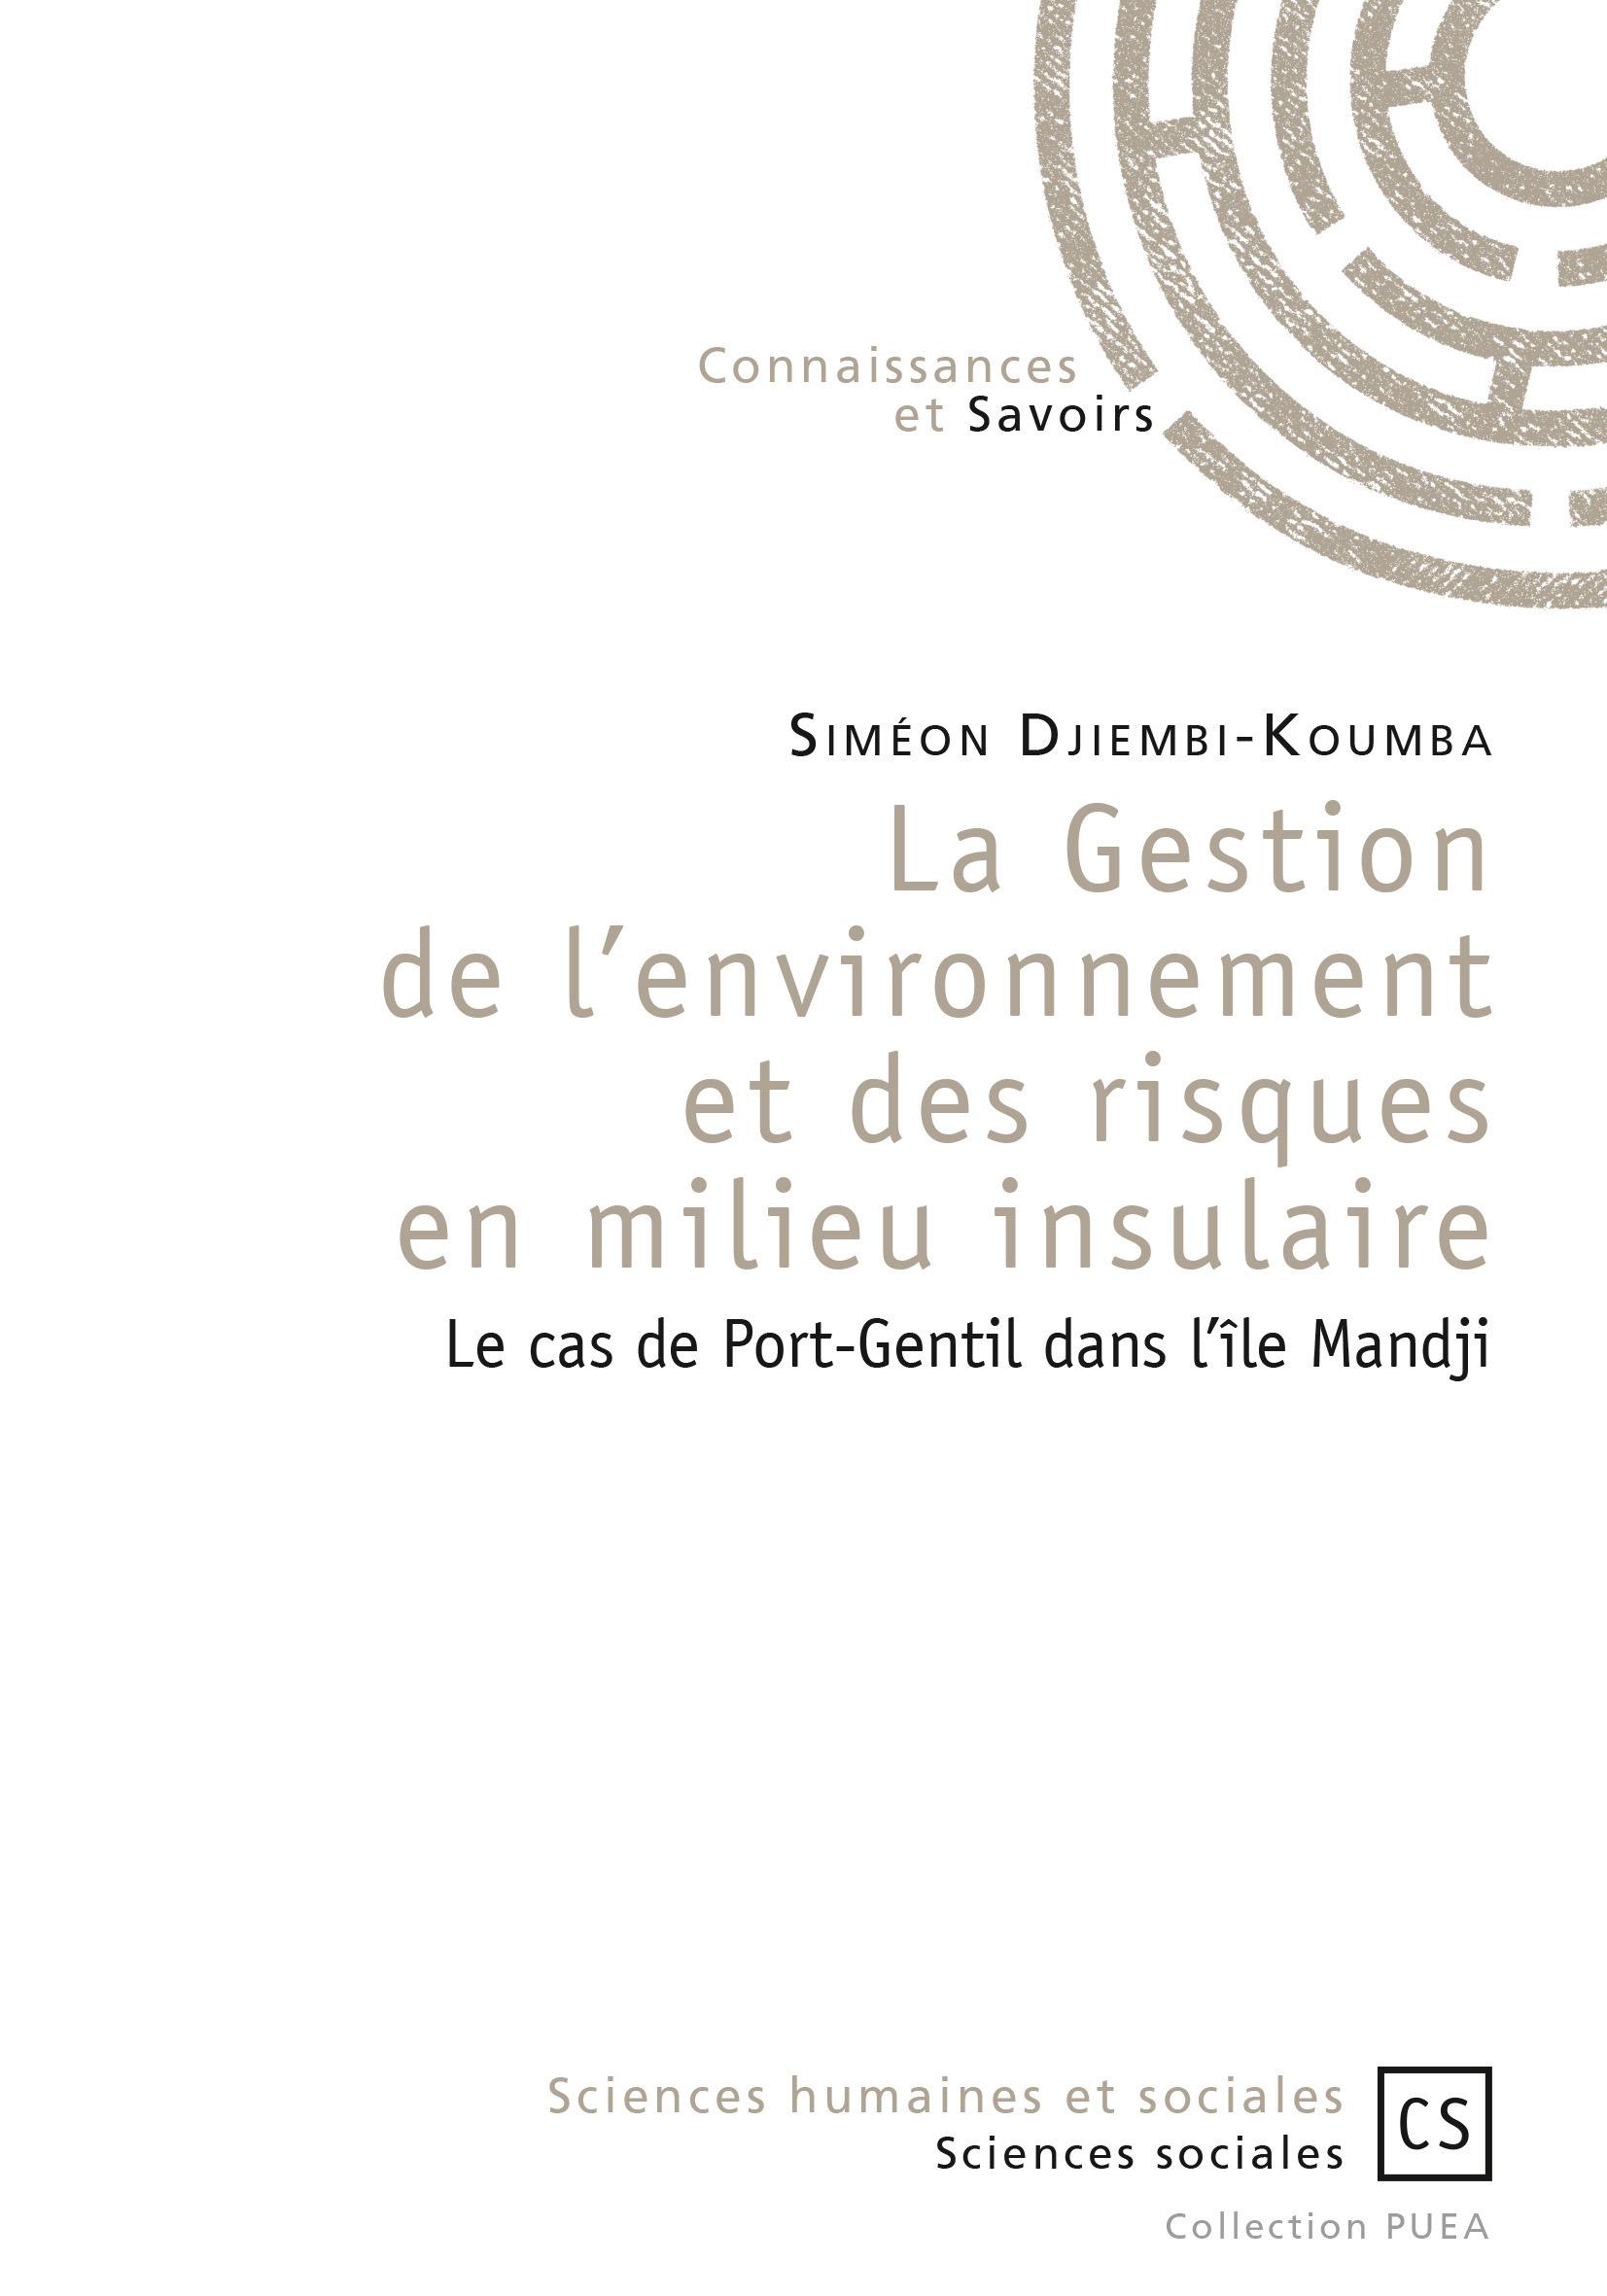 Siméon Djiembi-Koumba La Gestion de l'environnement et des risques en milieu insulaire